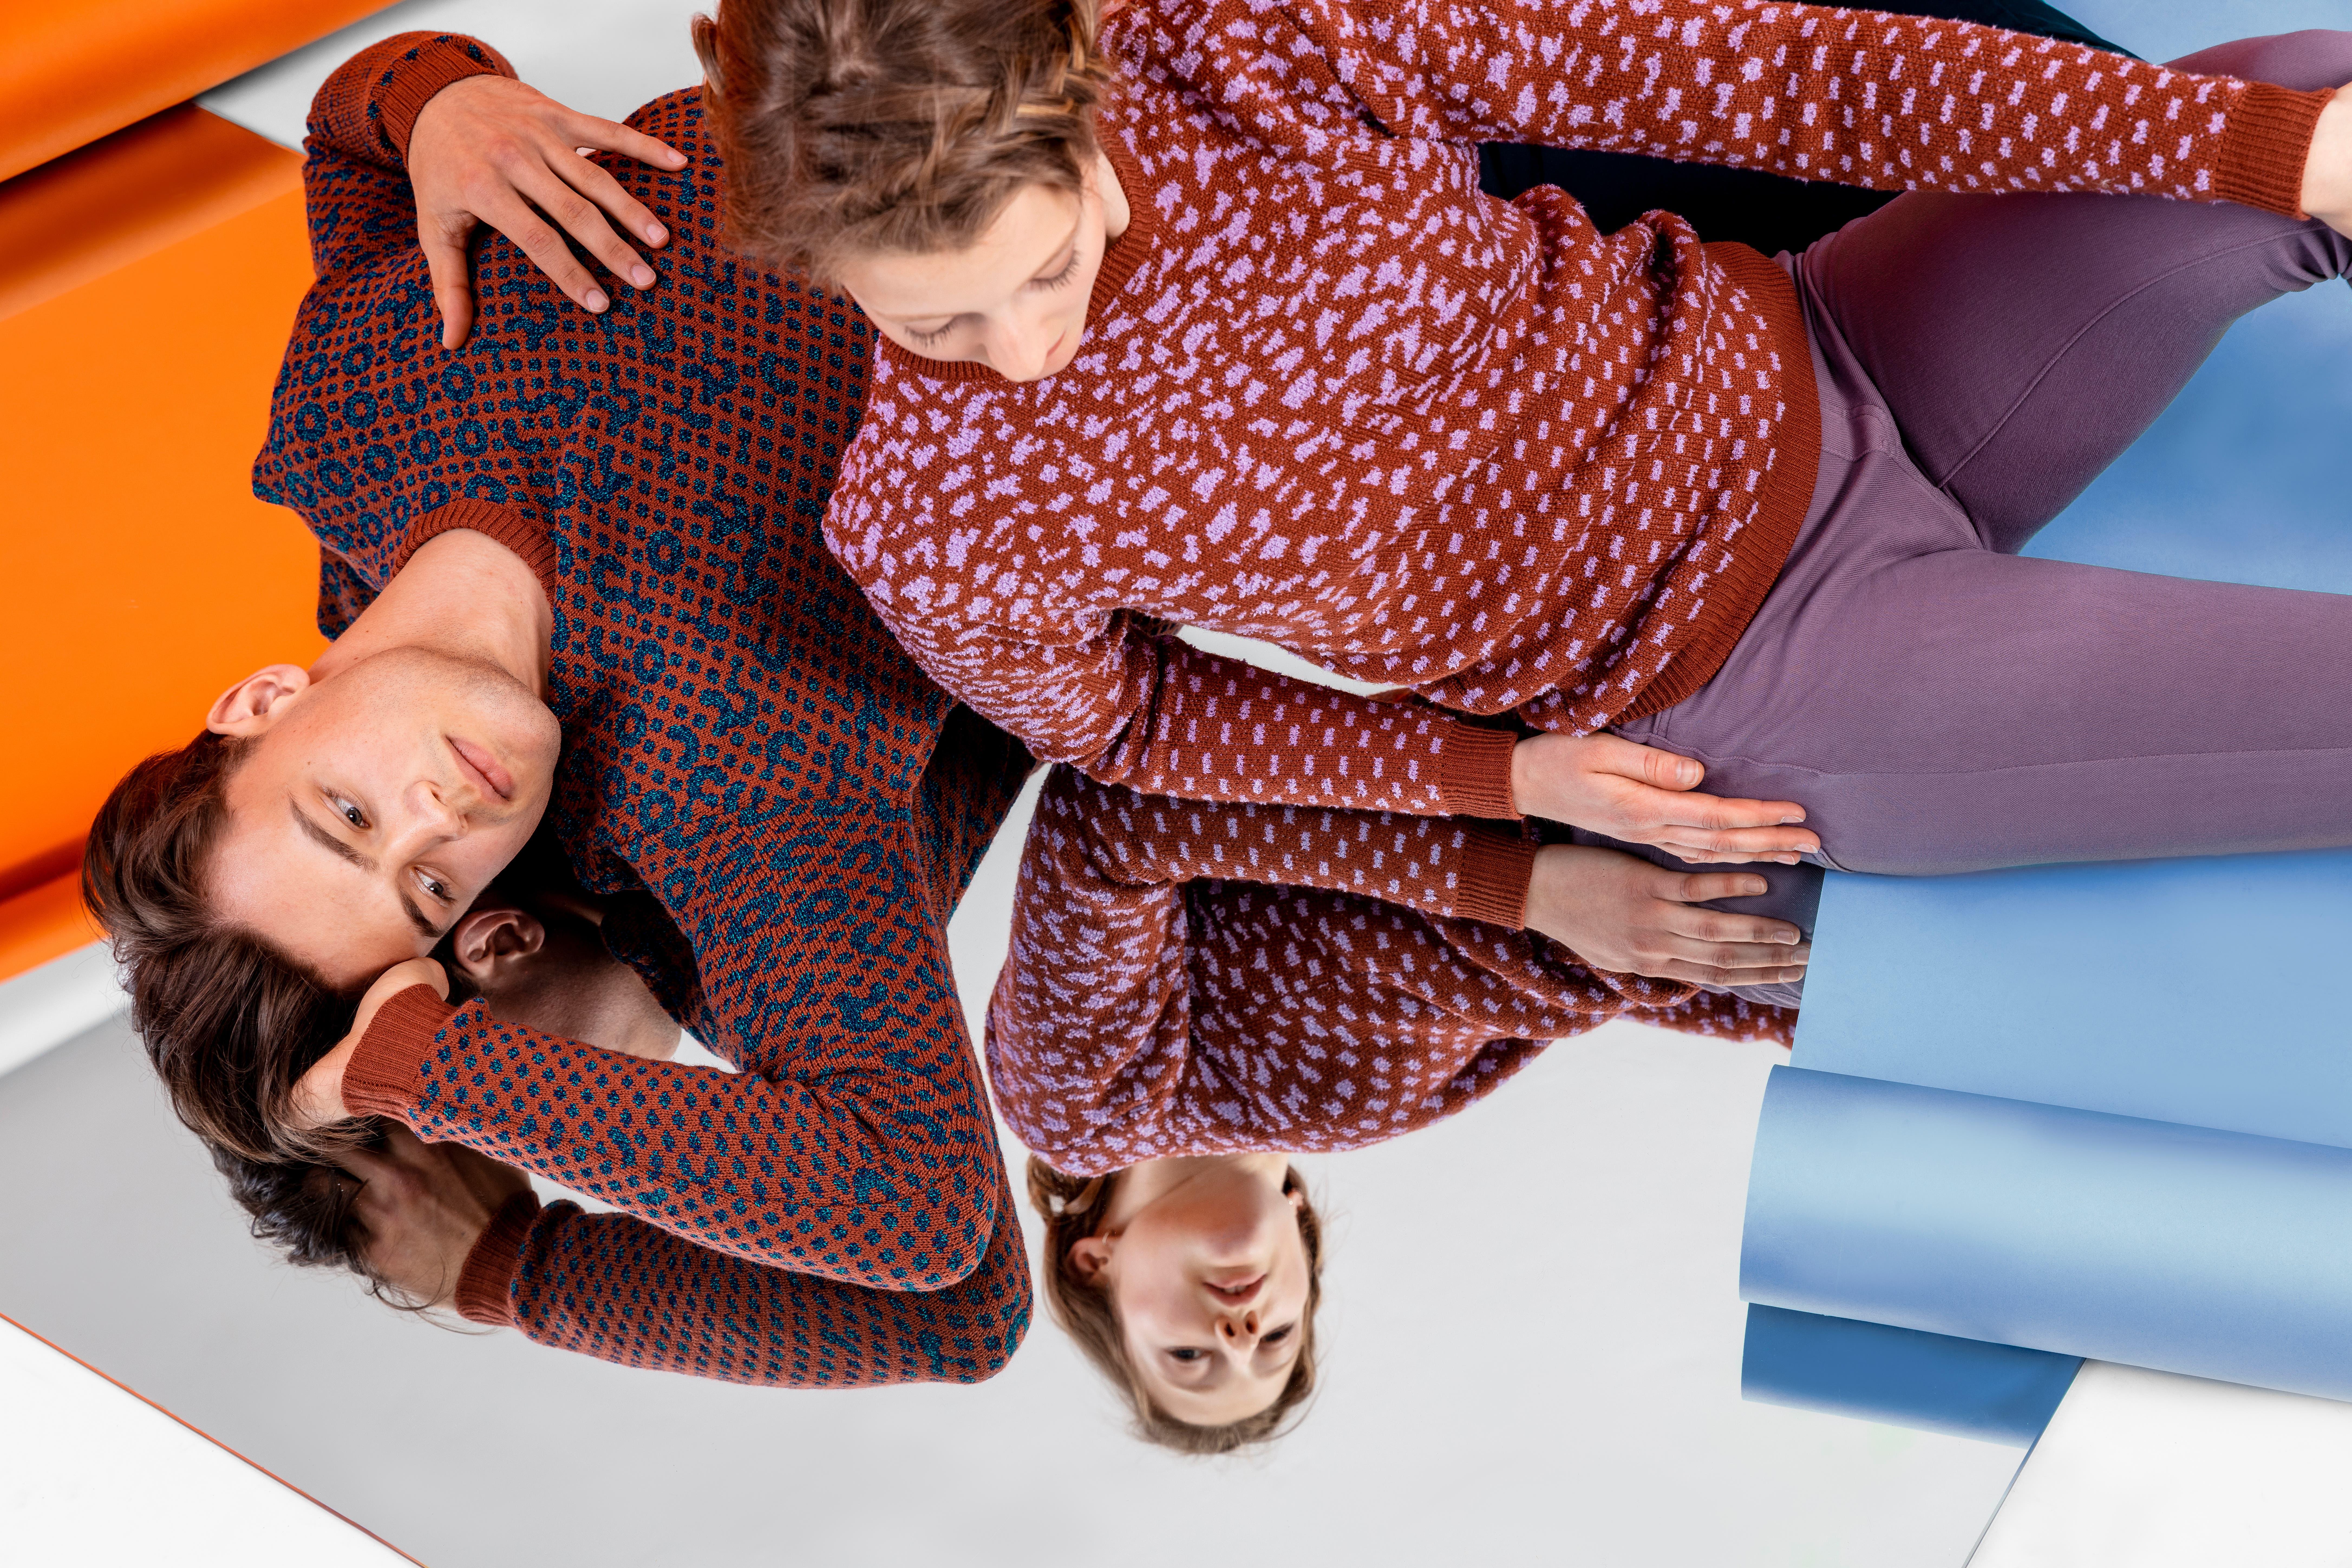 Pullis des jungen Schweizer Desginlabels Feel a Fil fühlen sich besonders weich auf der Haut an. Diese Modelle kosten je 349 Franken. Bild: Johanna Unternährer